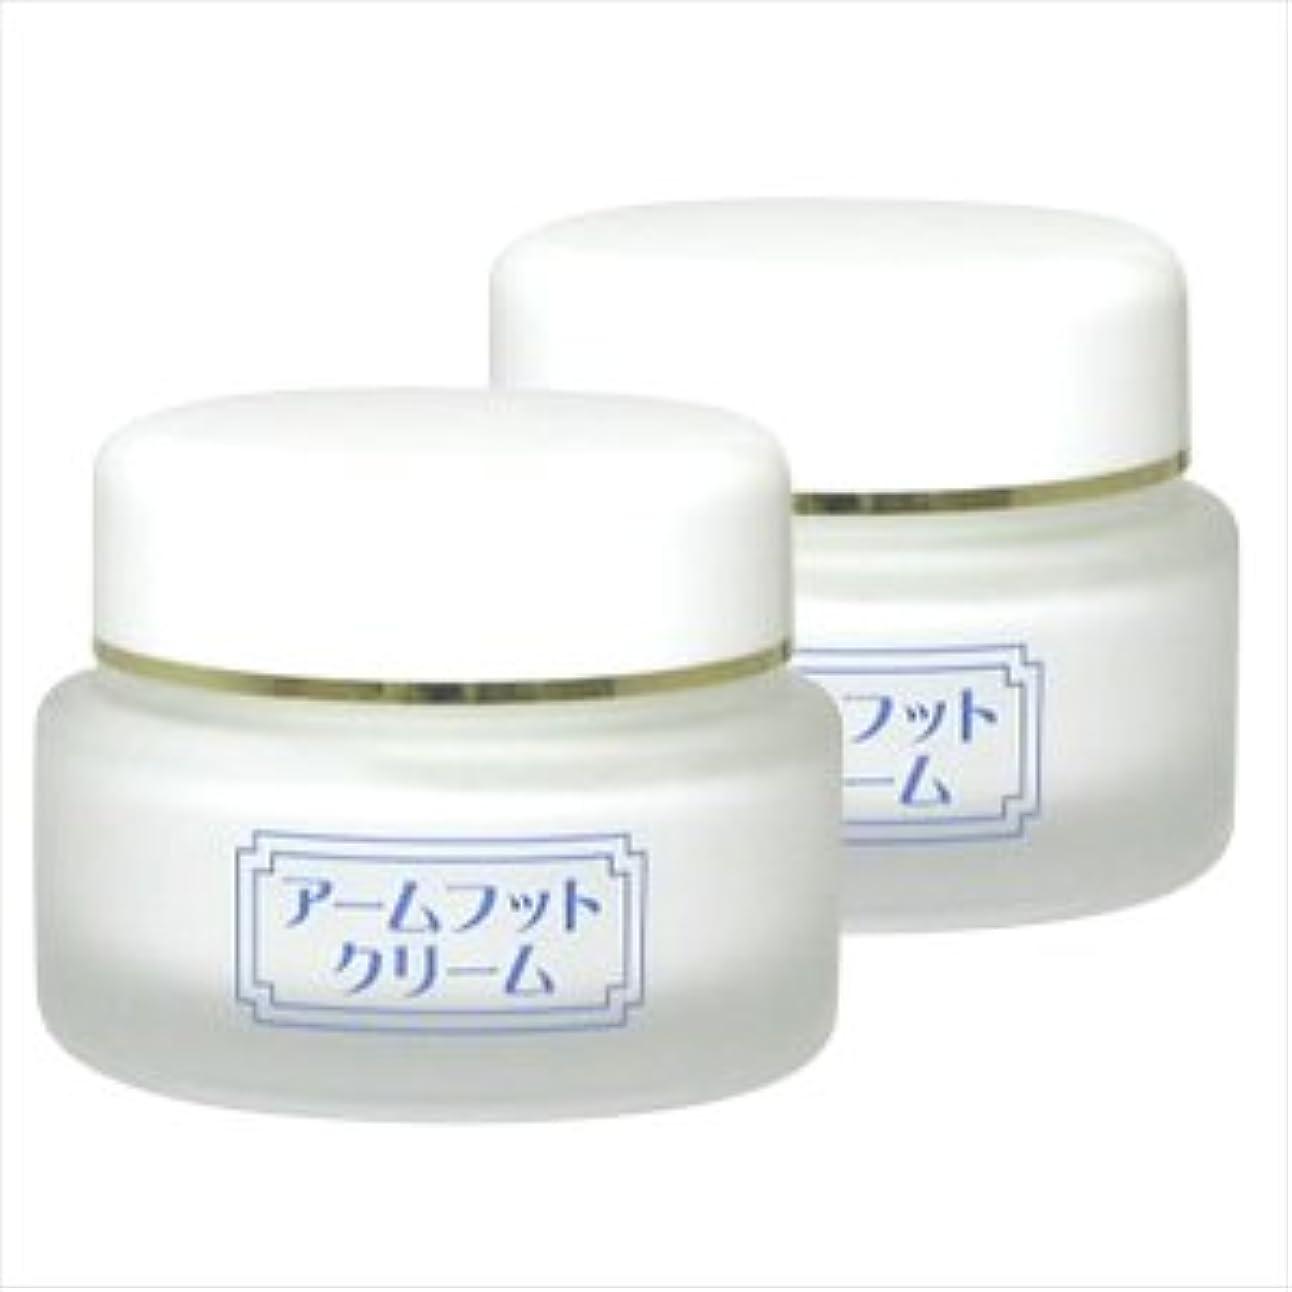 グリース検証広く薬用デオドラントクリーム アームフットクリーム(20g) (2個セット)